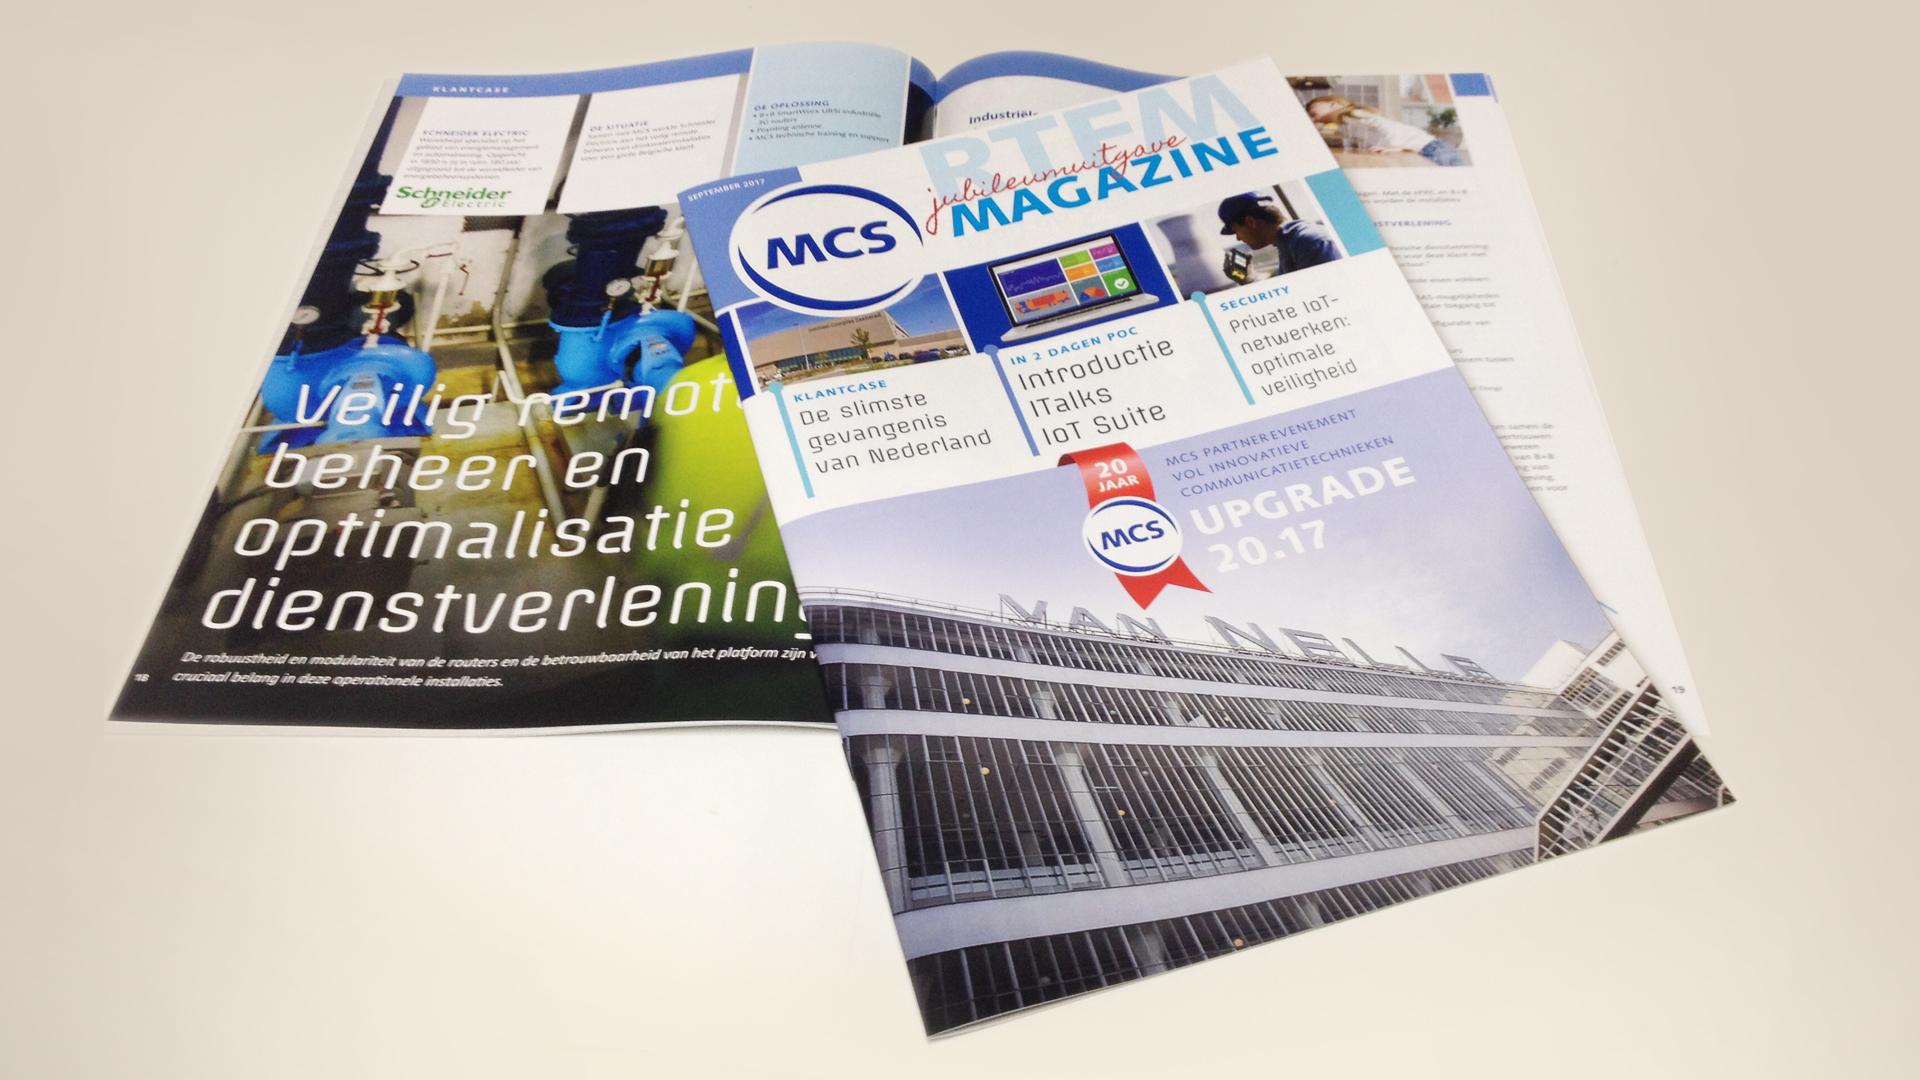 RTFM Magazine   Pushing the limits of communication technology   MCS